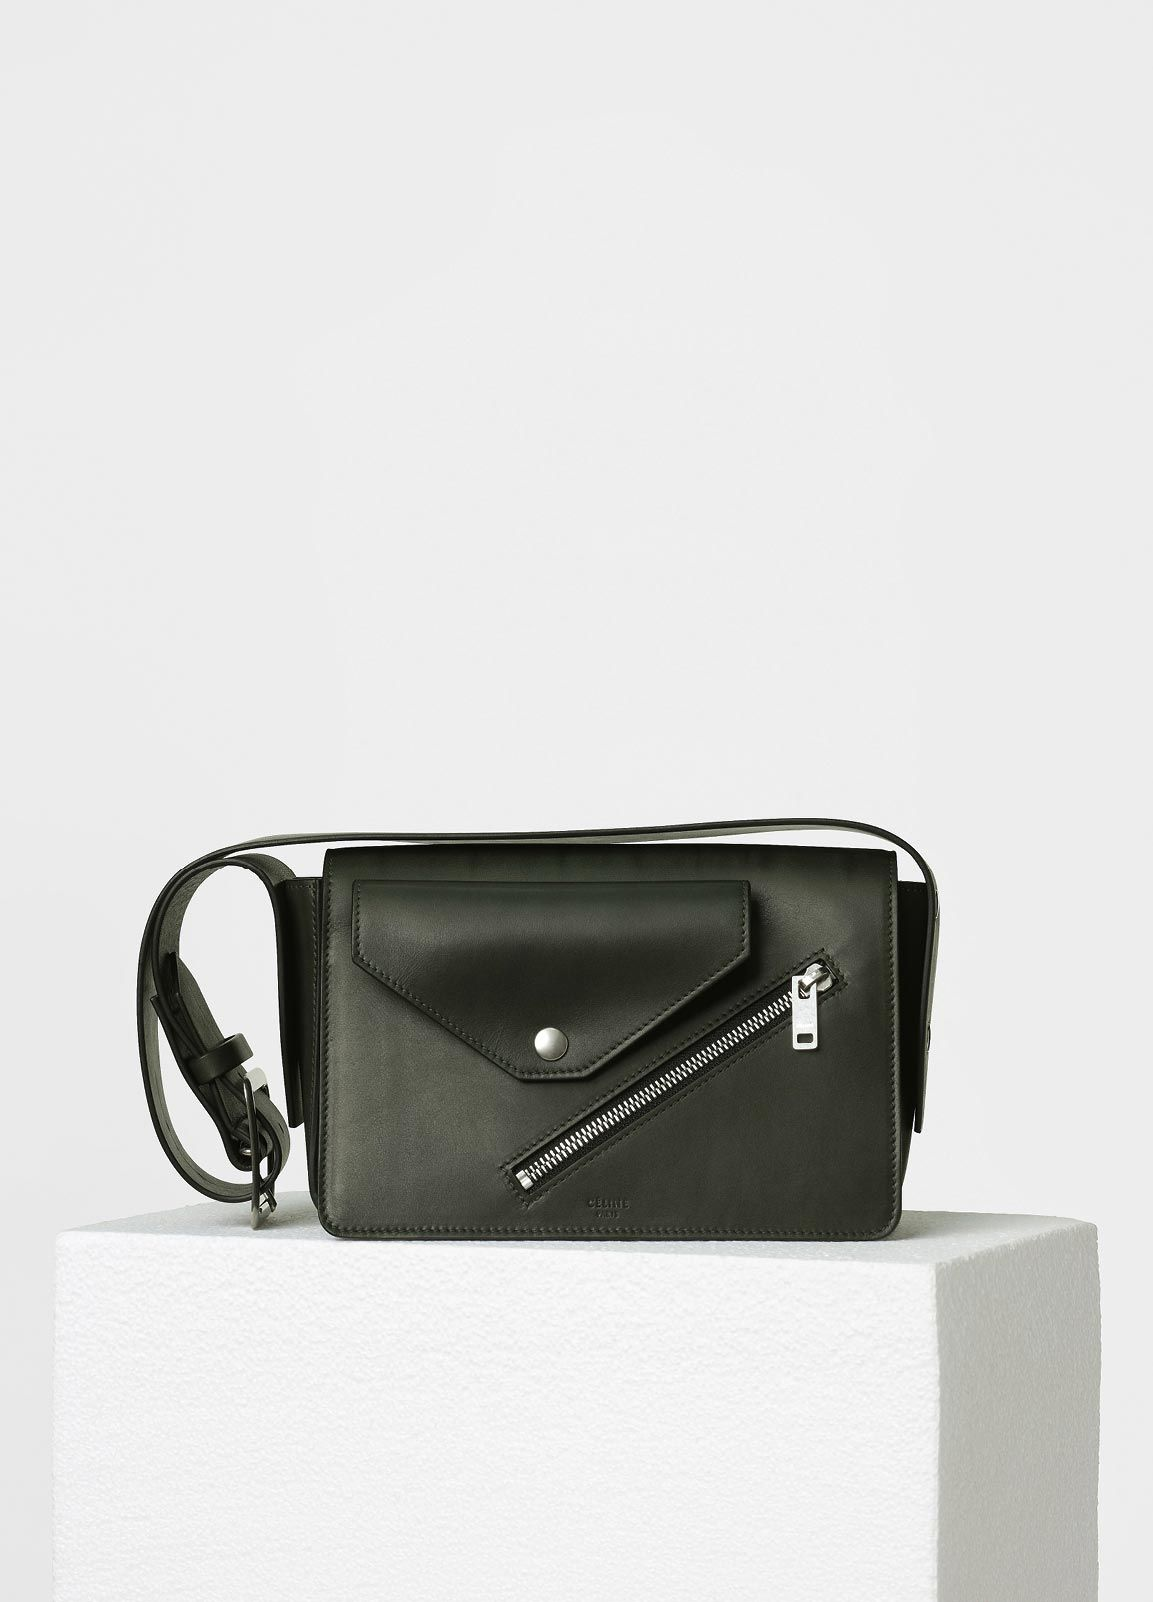 6cd2395fe7e0 Medium Case Biker Shoulder Bag in Natural Calfskin - Spring   Summer  Collection 2017